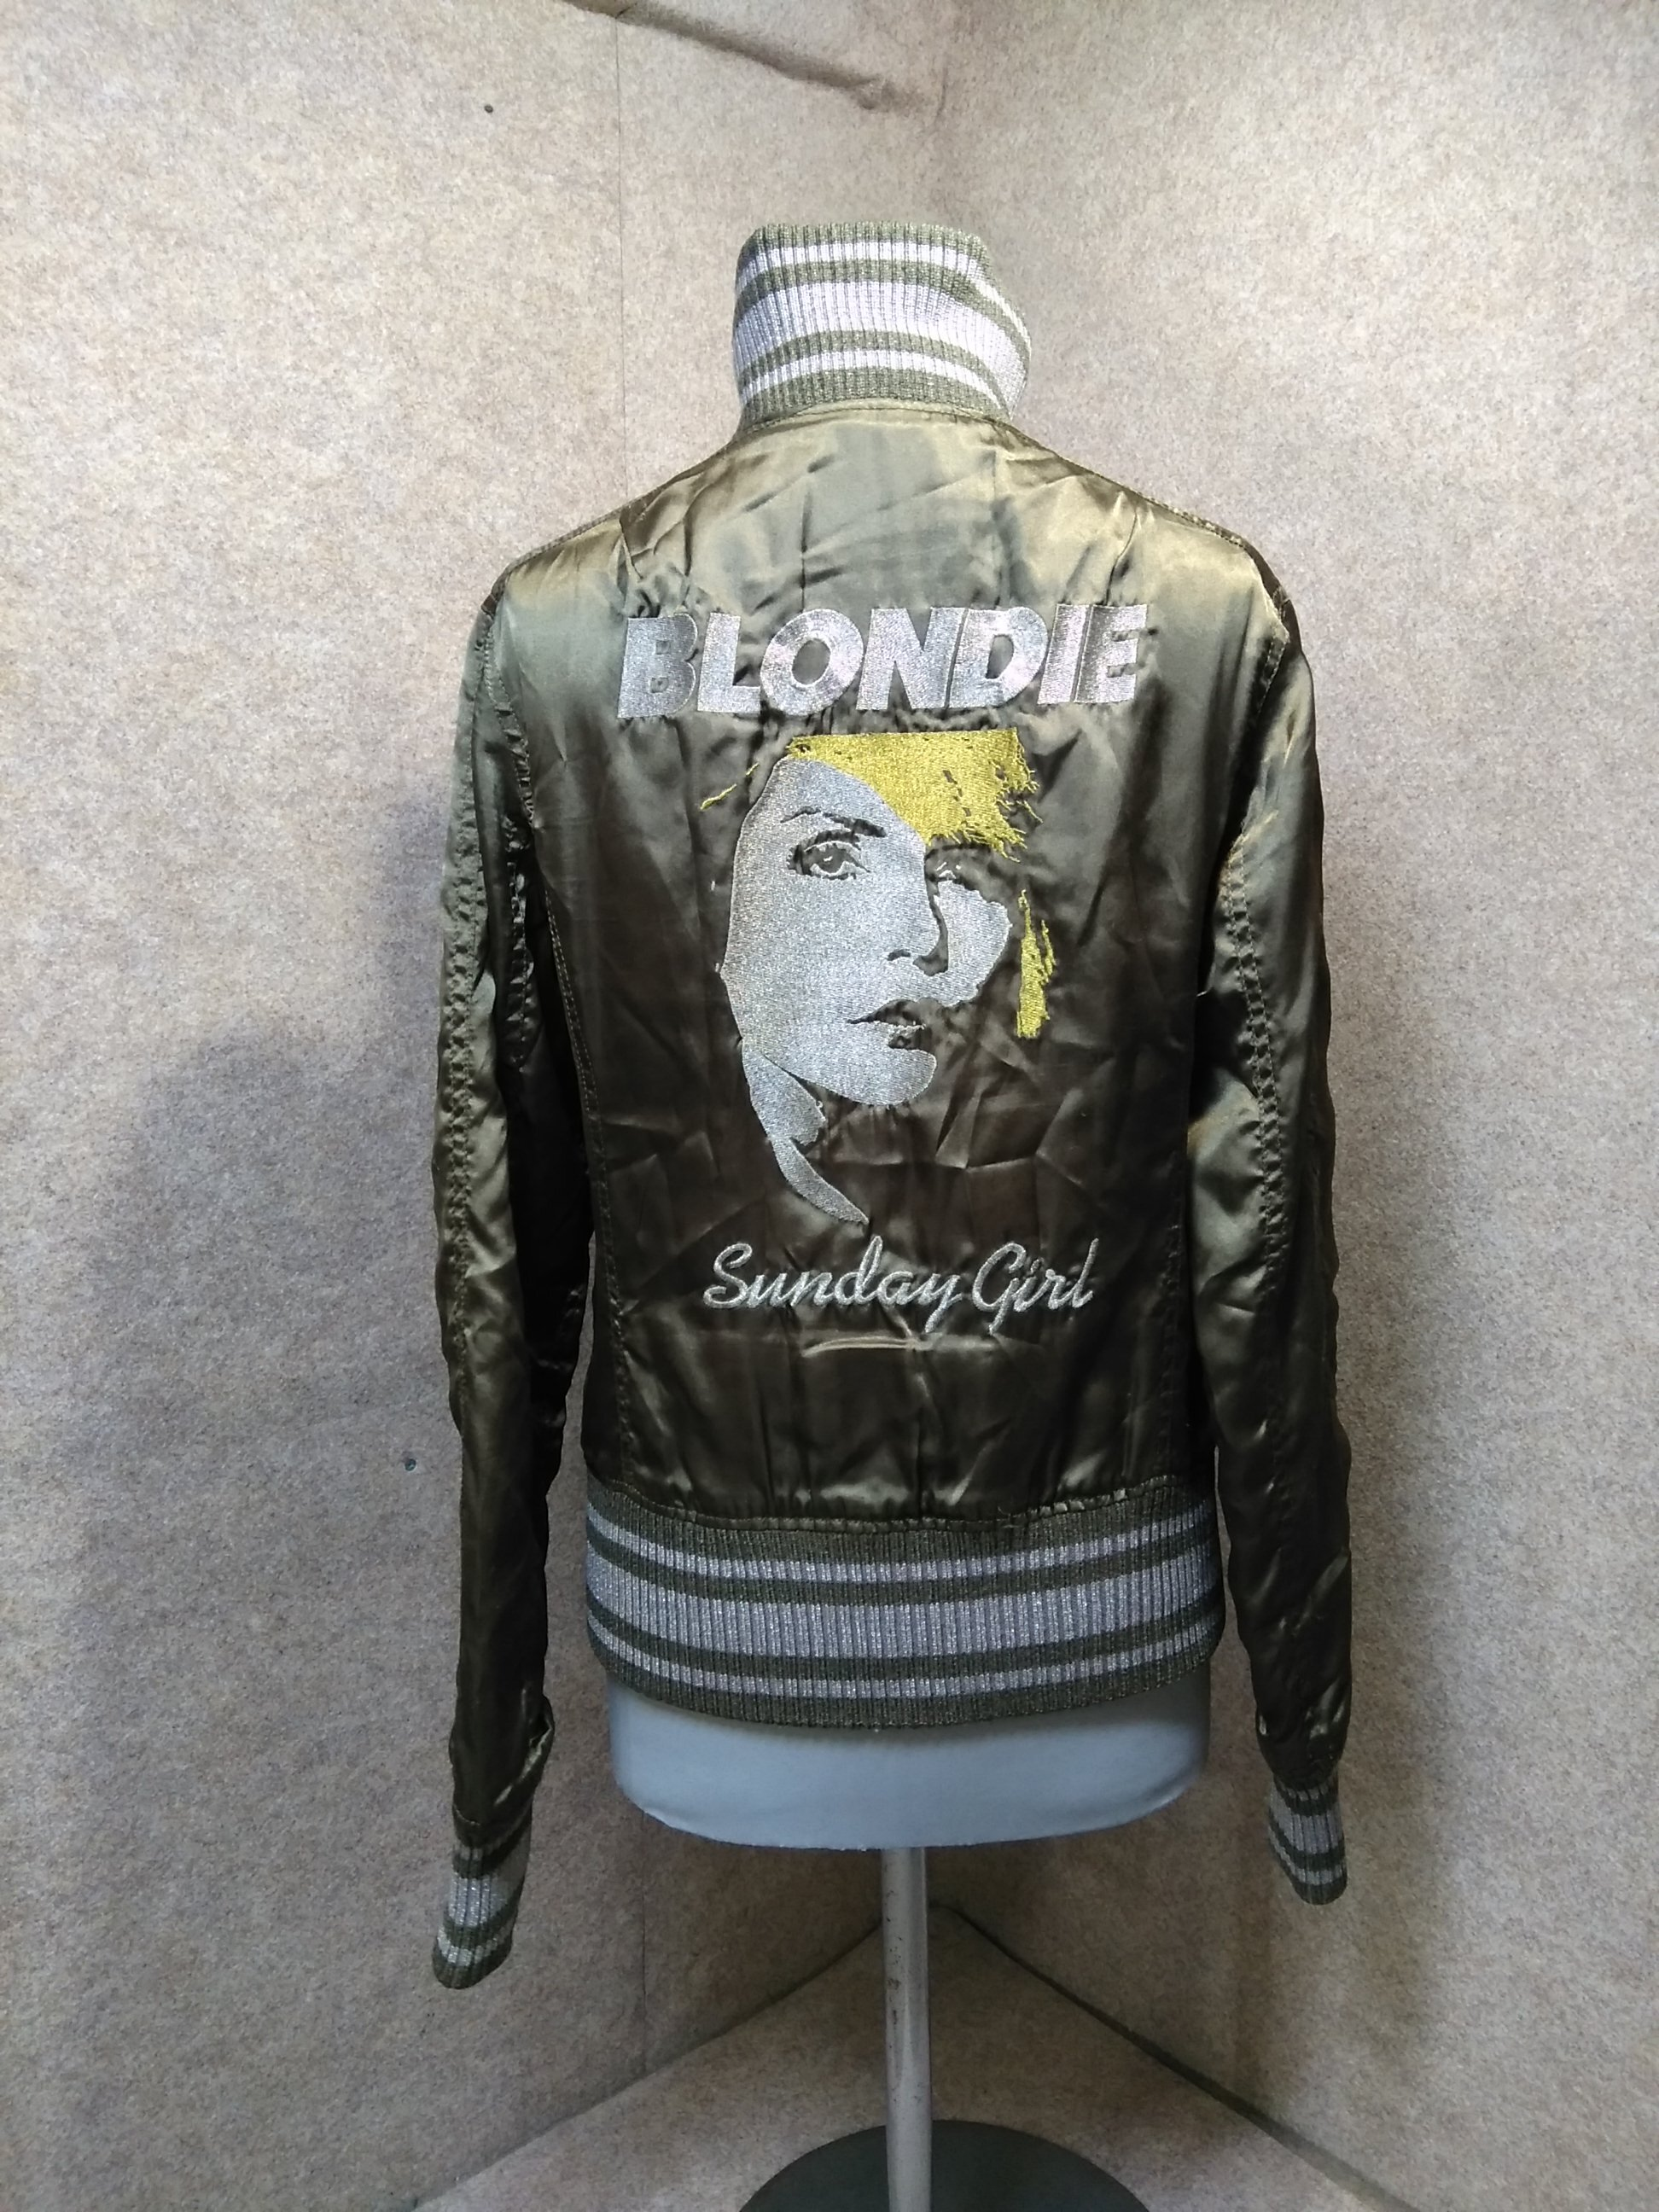 ヒステリックグラマー ジャケット Blondie オリーブ F mh277s